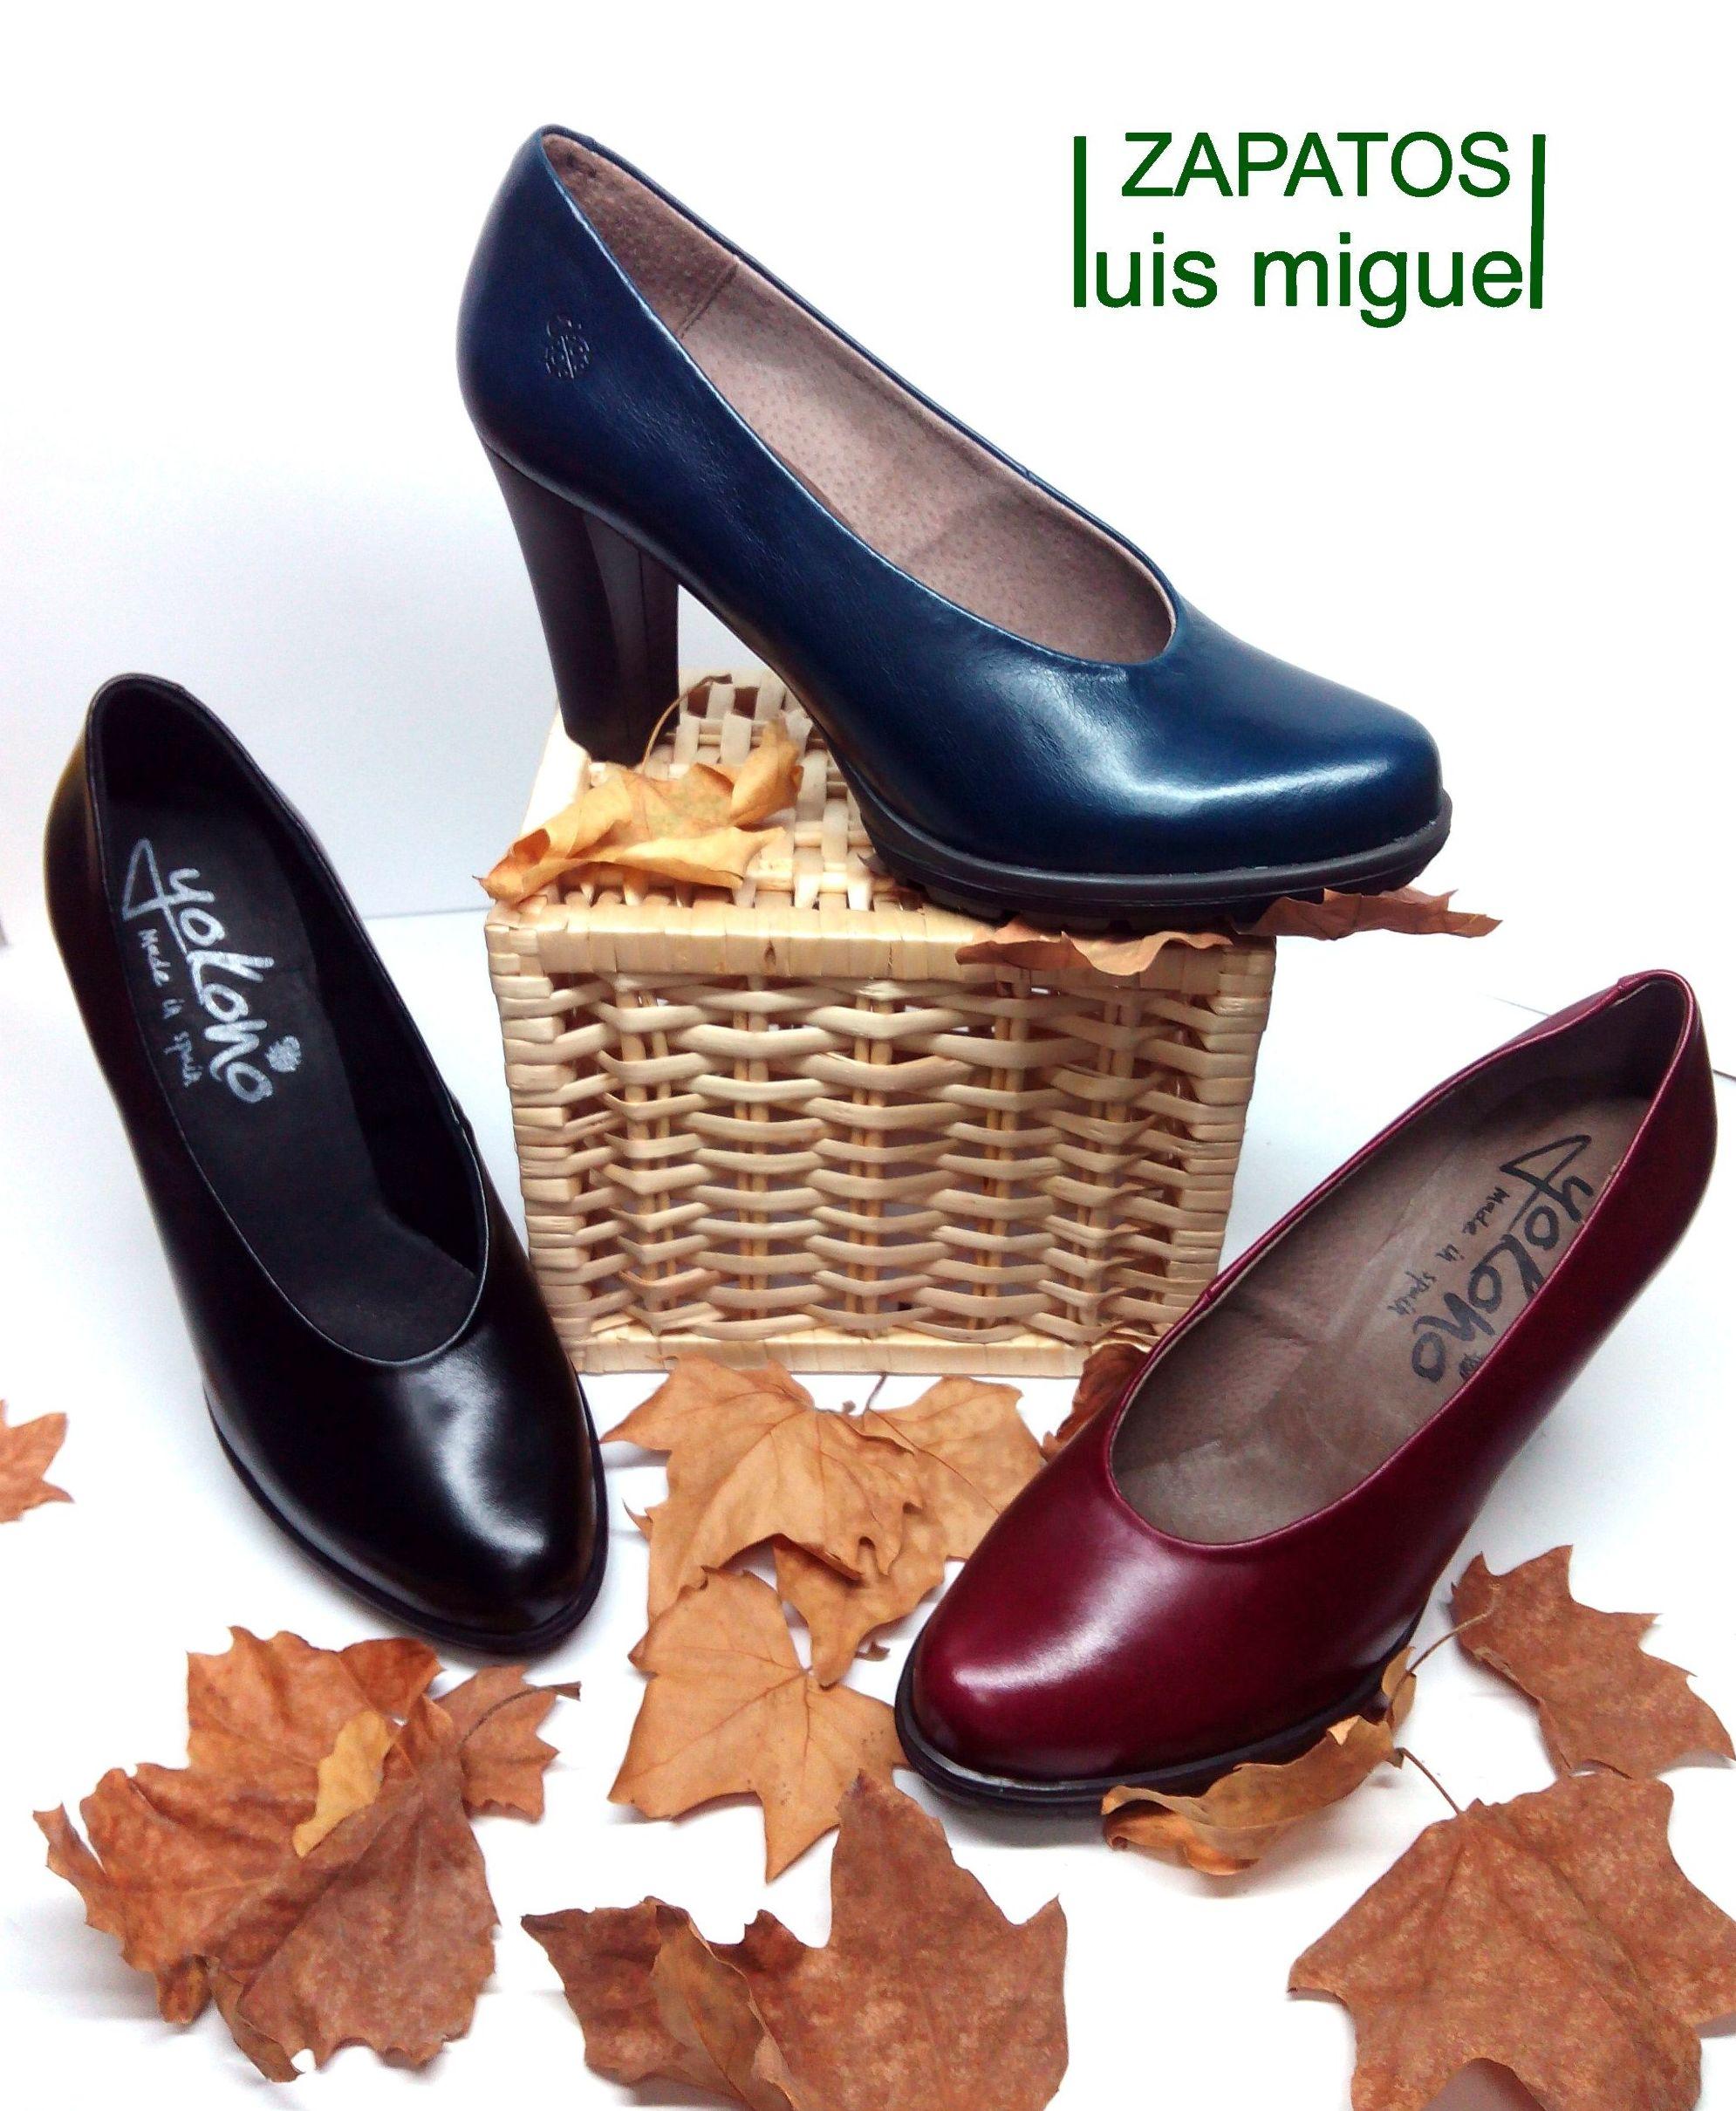 salones de yokono en diferentes colores: Catalogo de productos de Zapatos Luis Miguel